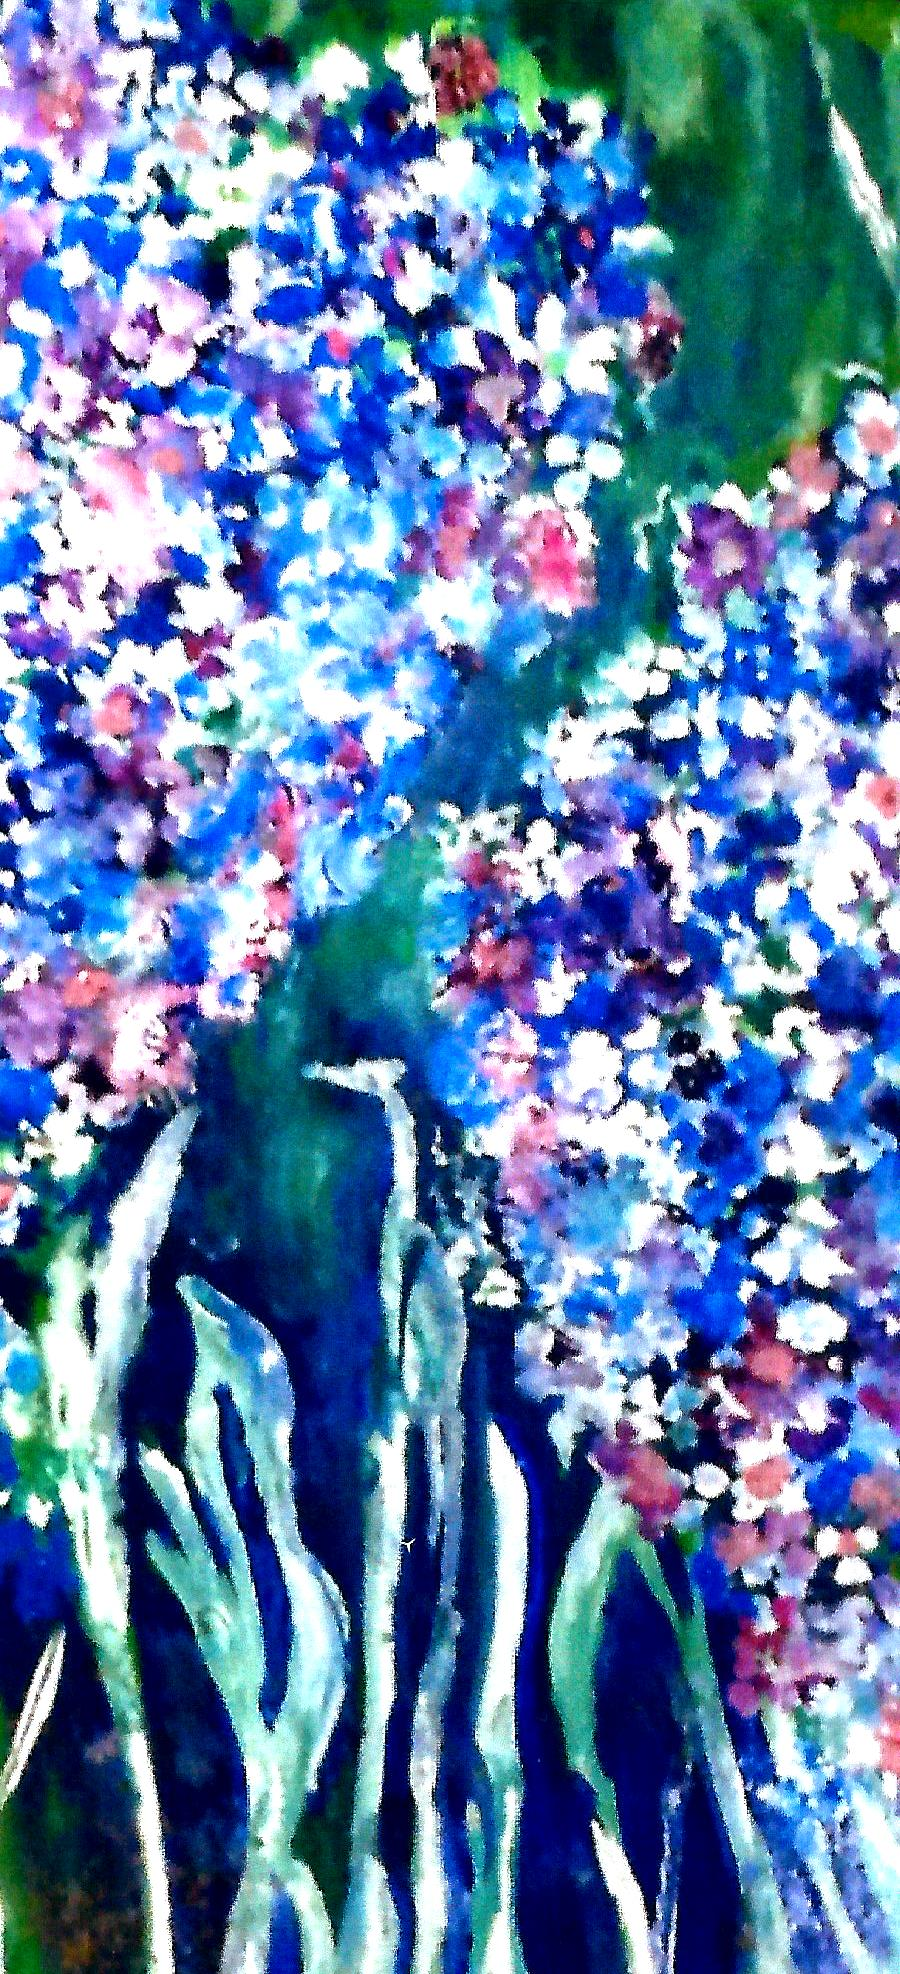 Carmela's Lilacs again again again